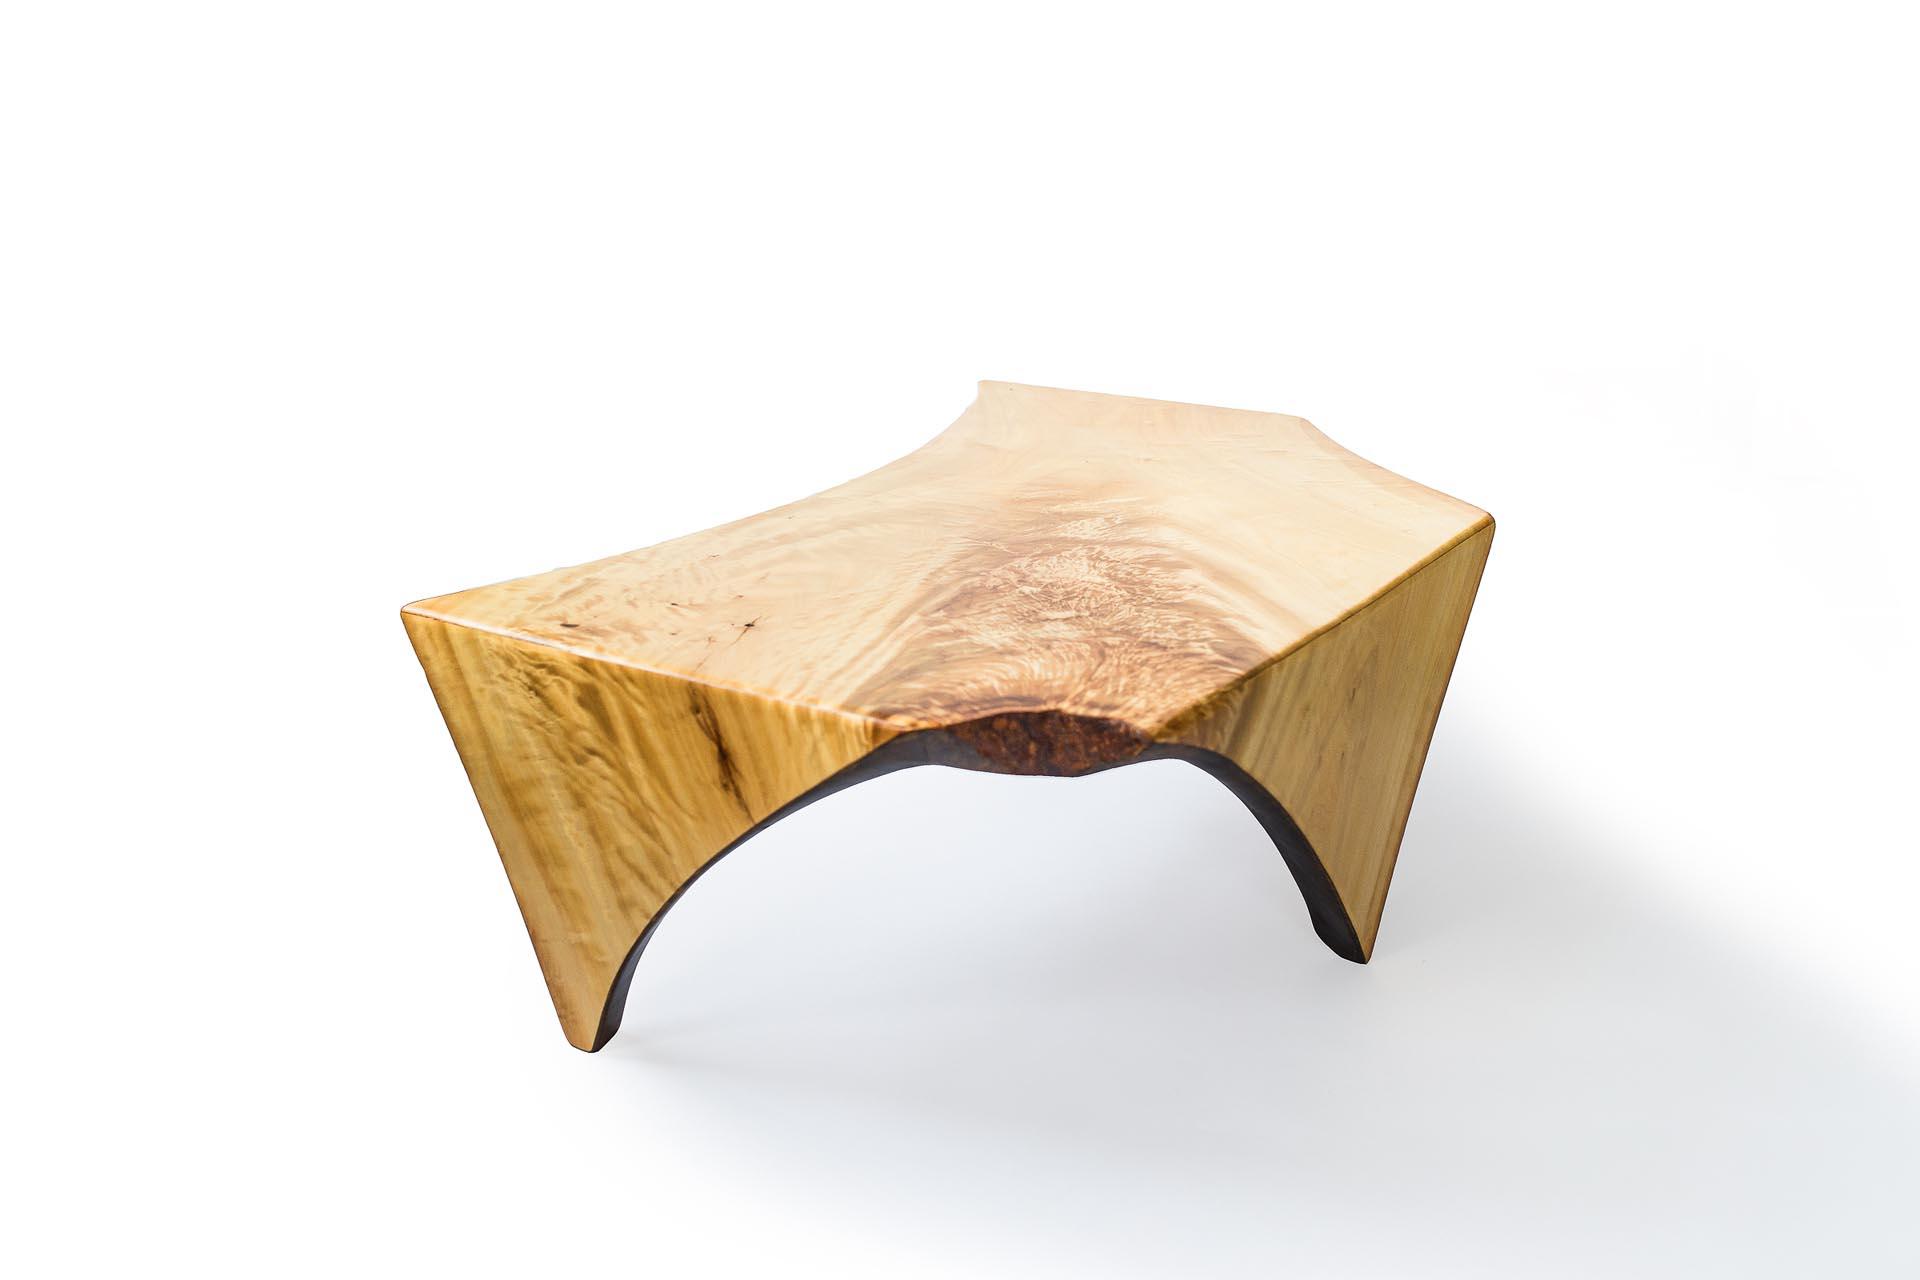 Table-basse-slab-mobilier-montreal-design